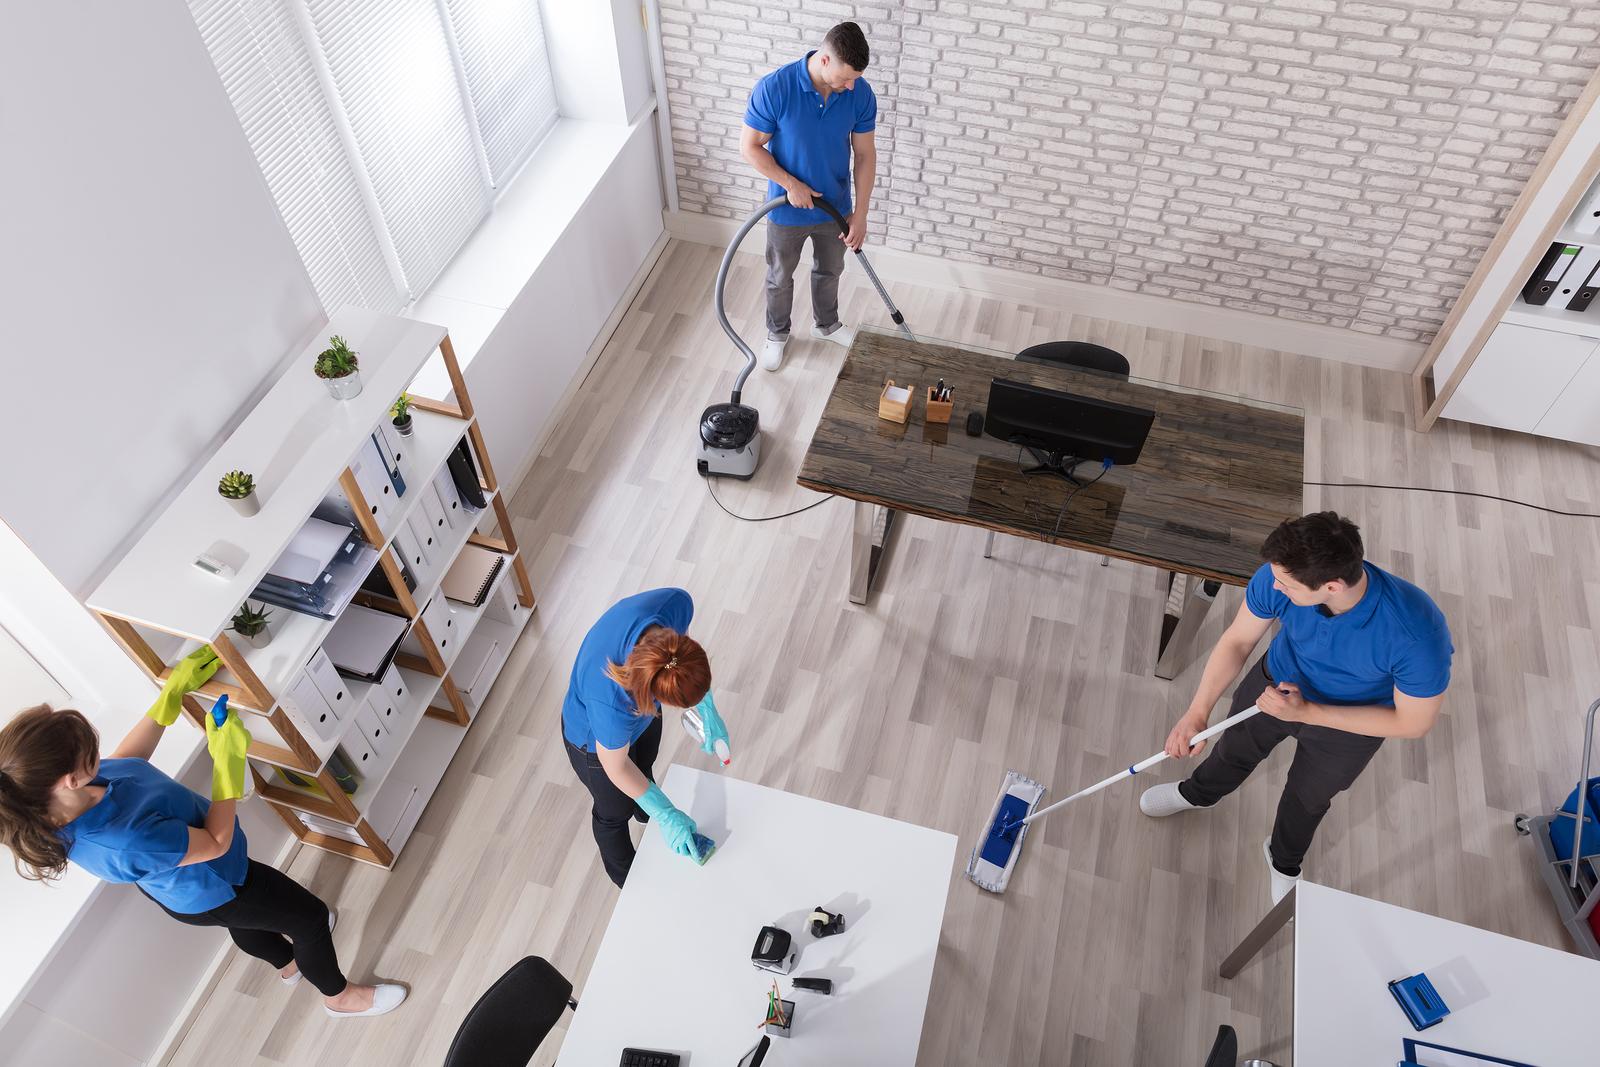 nettoyage uniforme le bureau avec des équipements de nettoyage